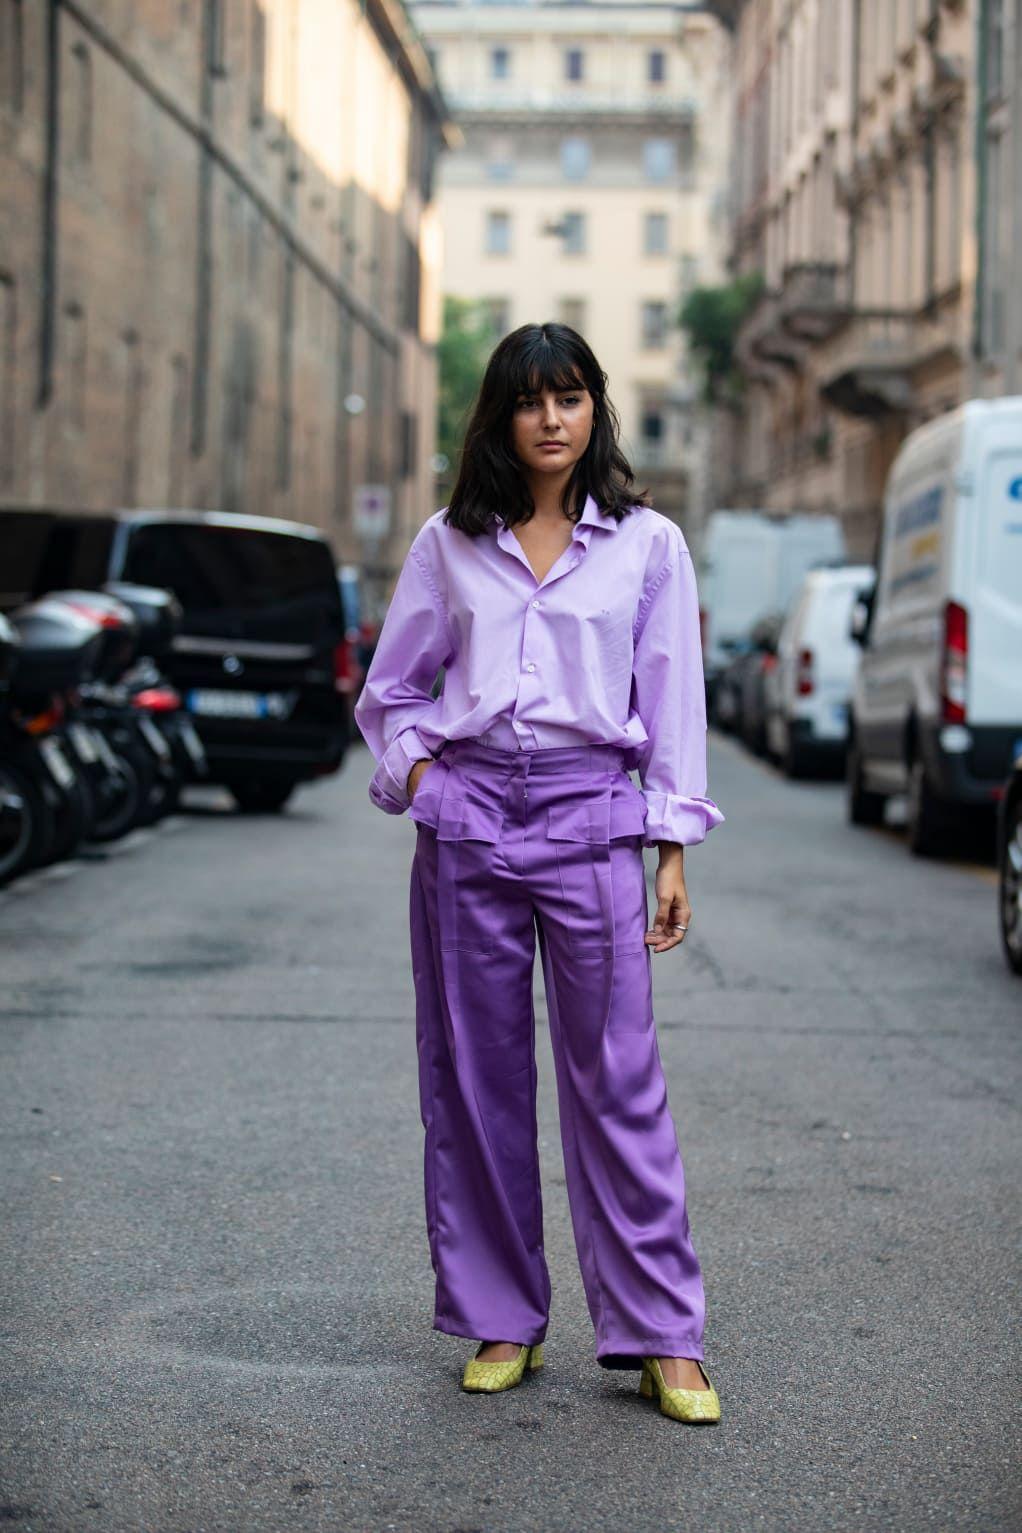 phối quần ống rộng bằng lụa và áo sơ mi màu tím